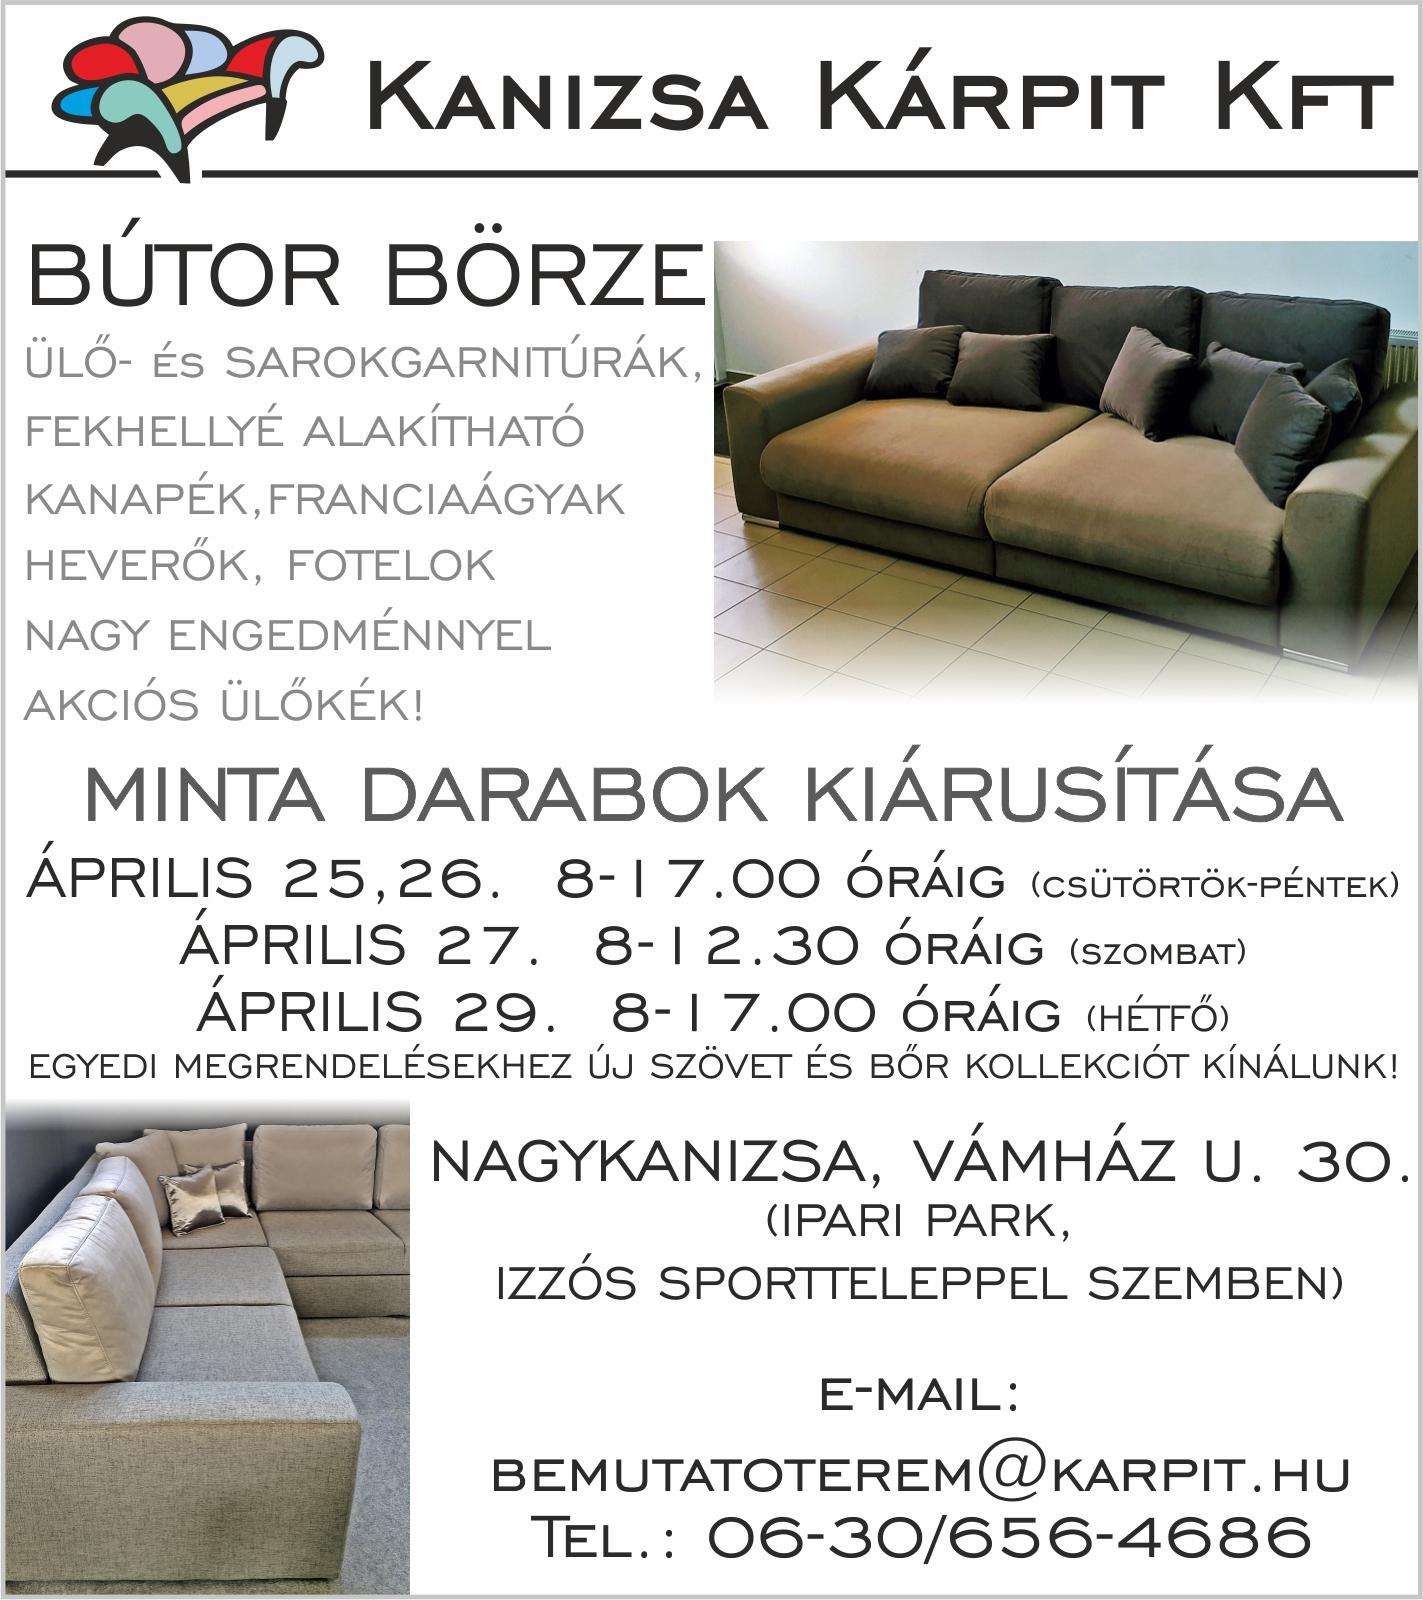 Kanizsa Kárpit Kft. hirdetése